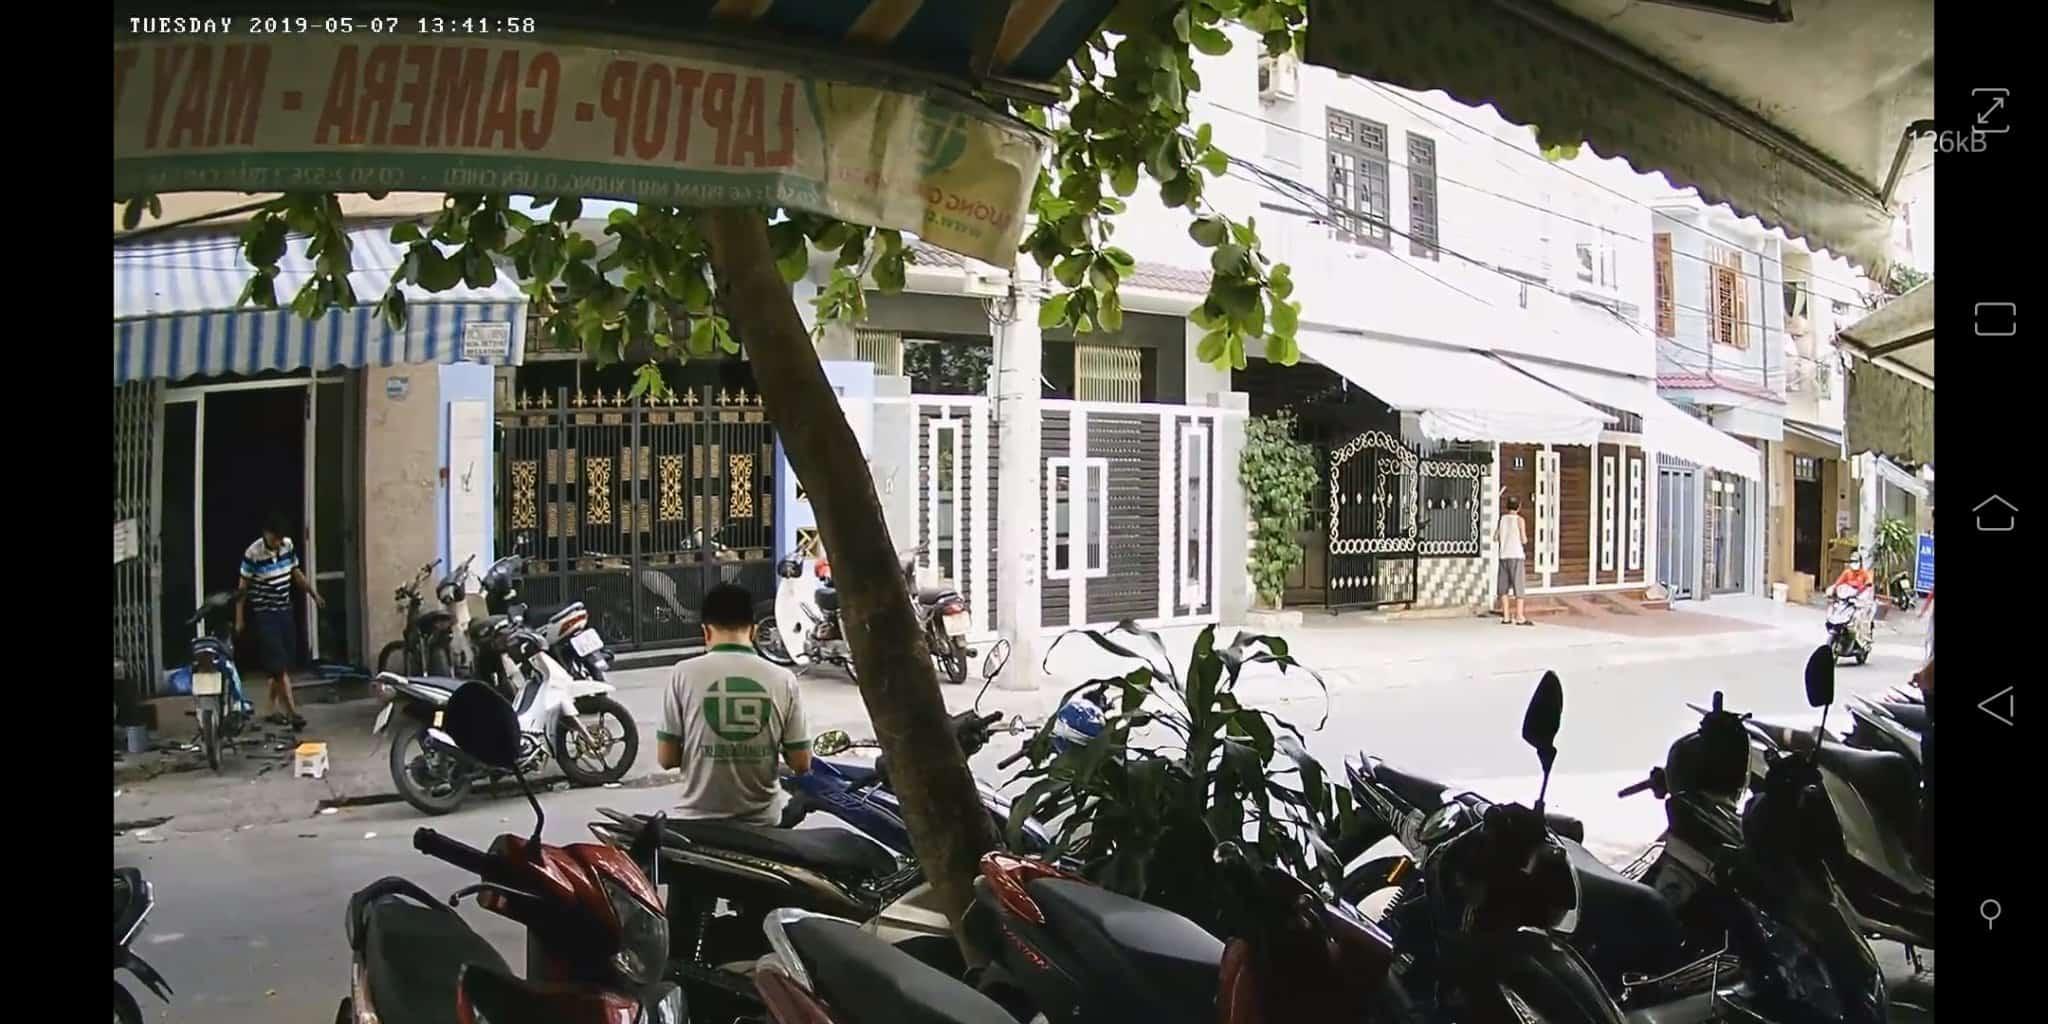 Demo hệ thống camera tại Đà Nẵng